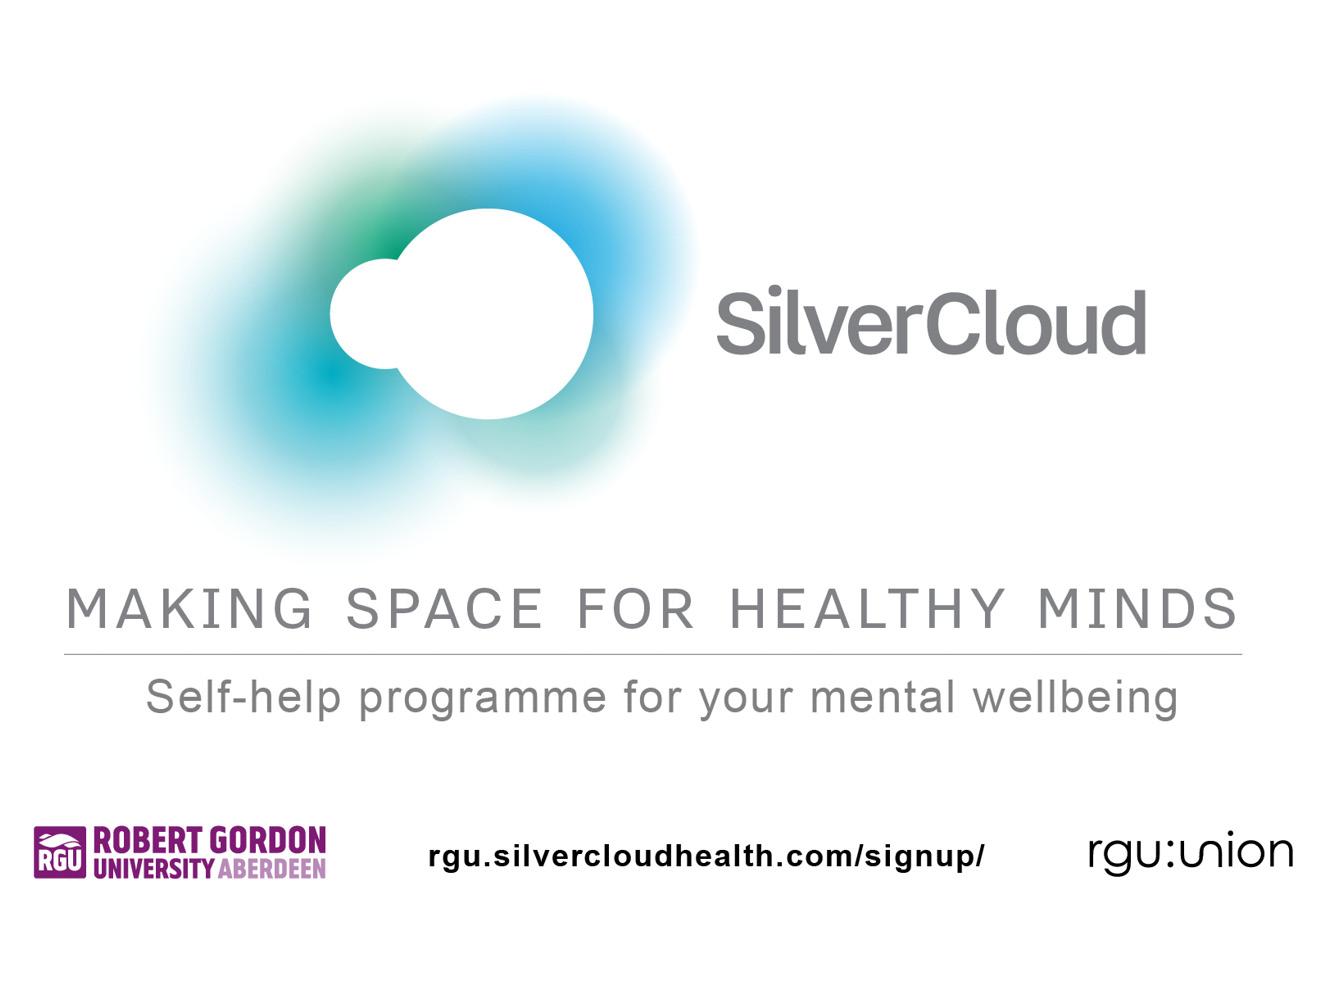 SilverCloud.jpg